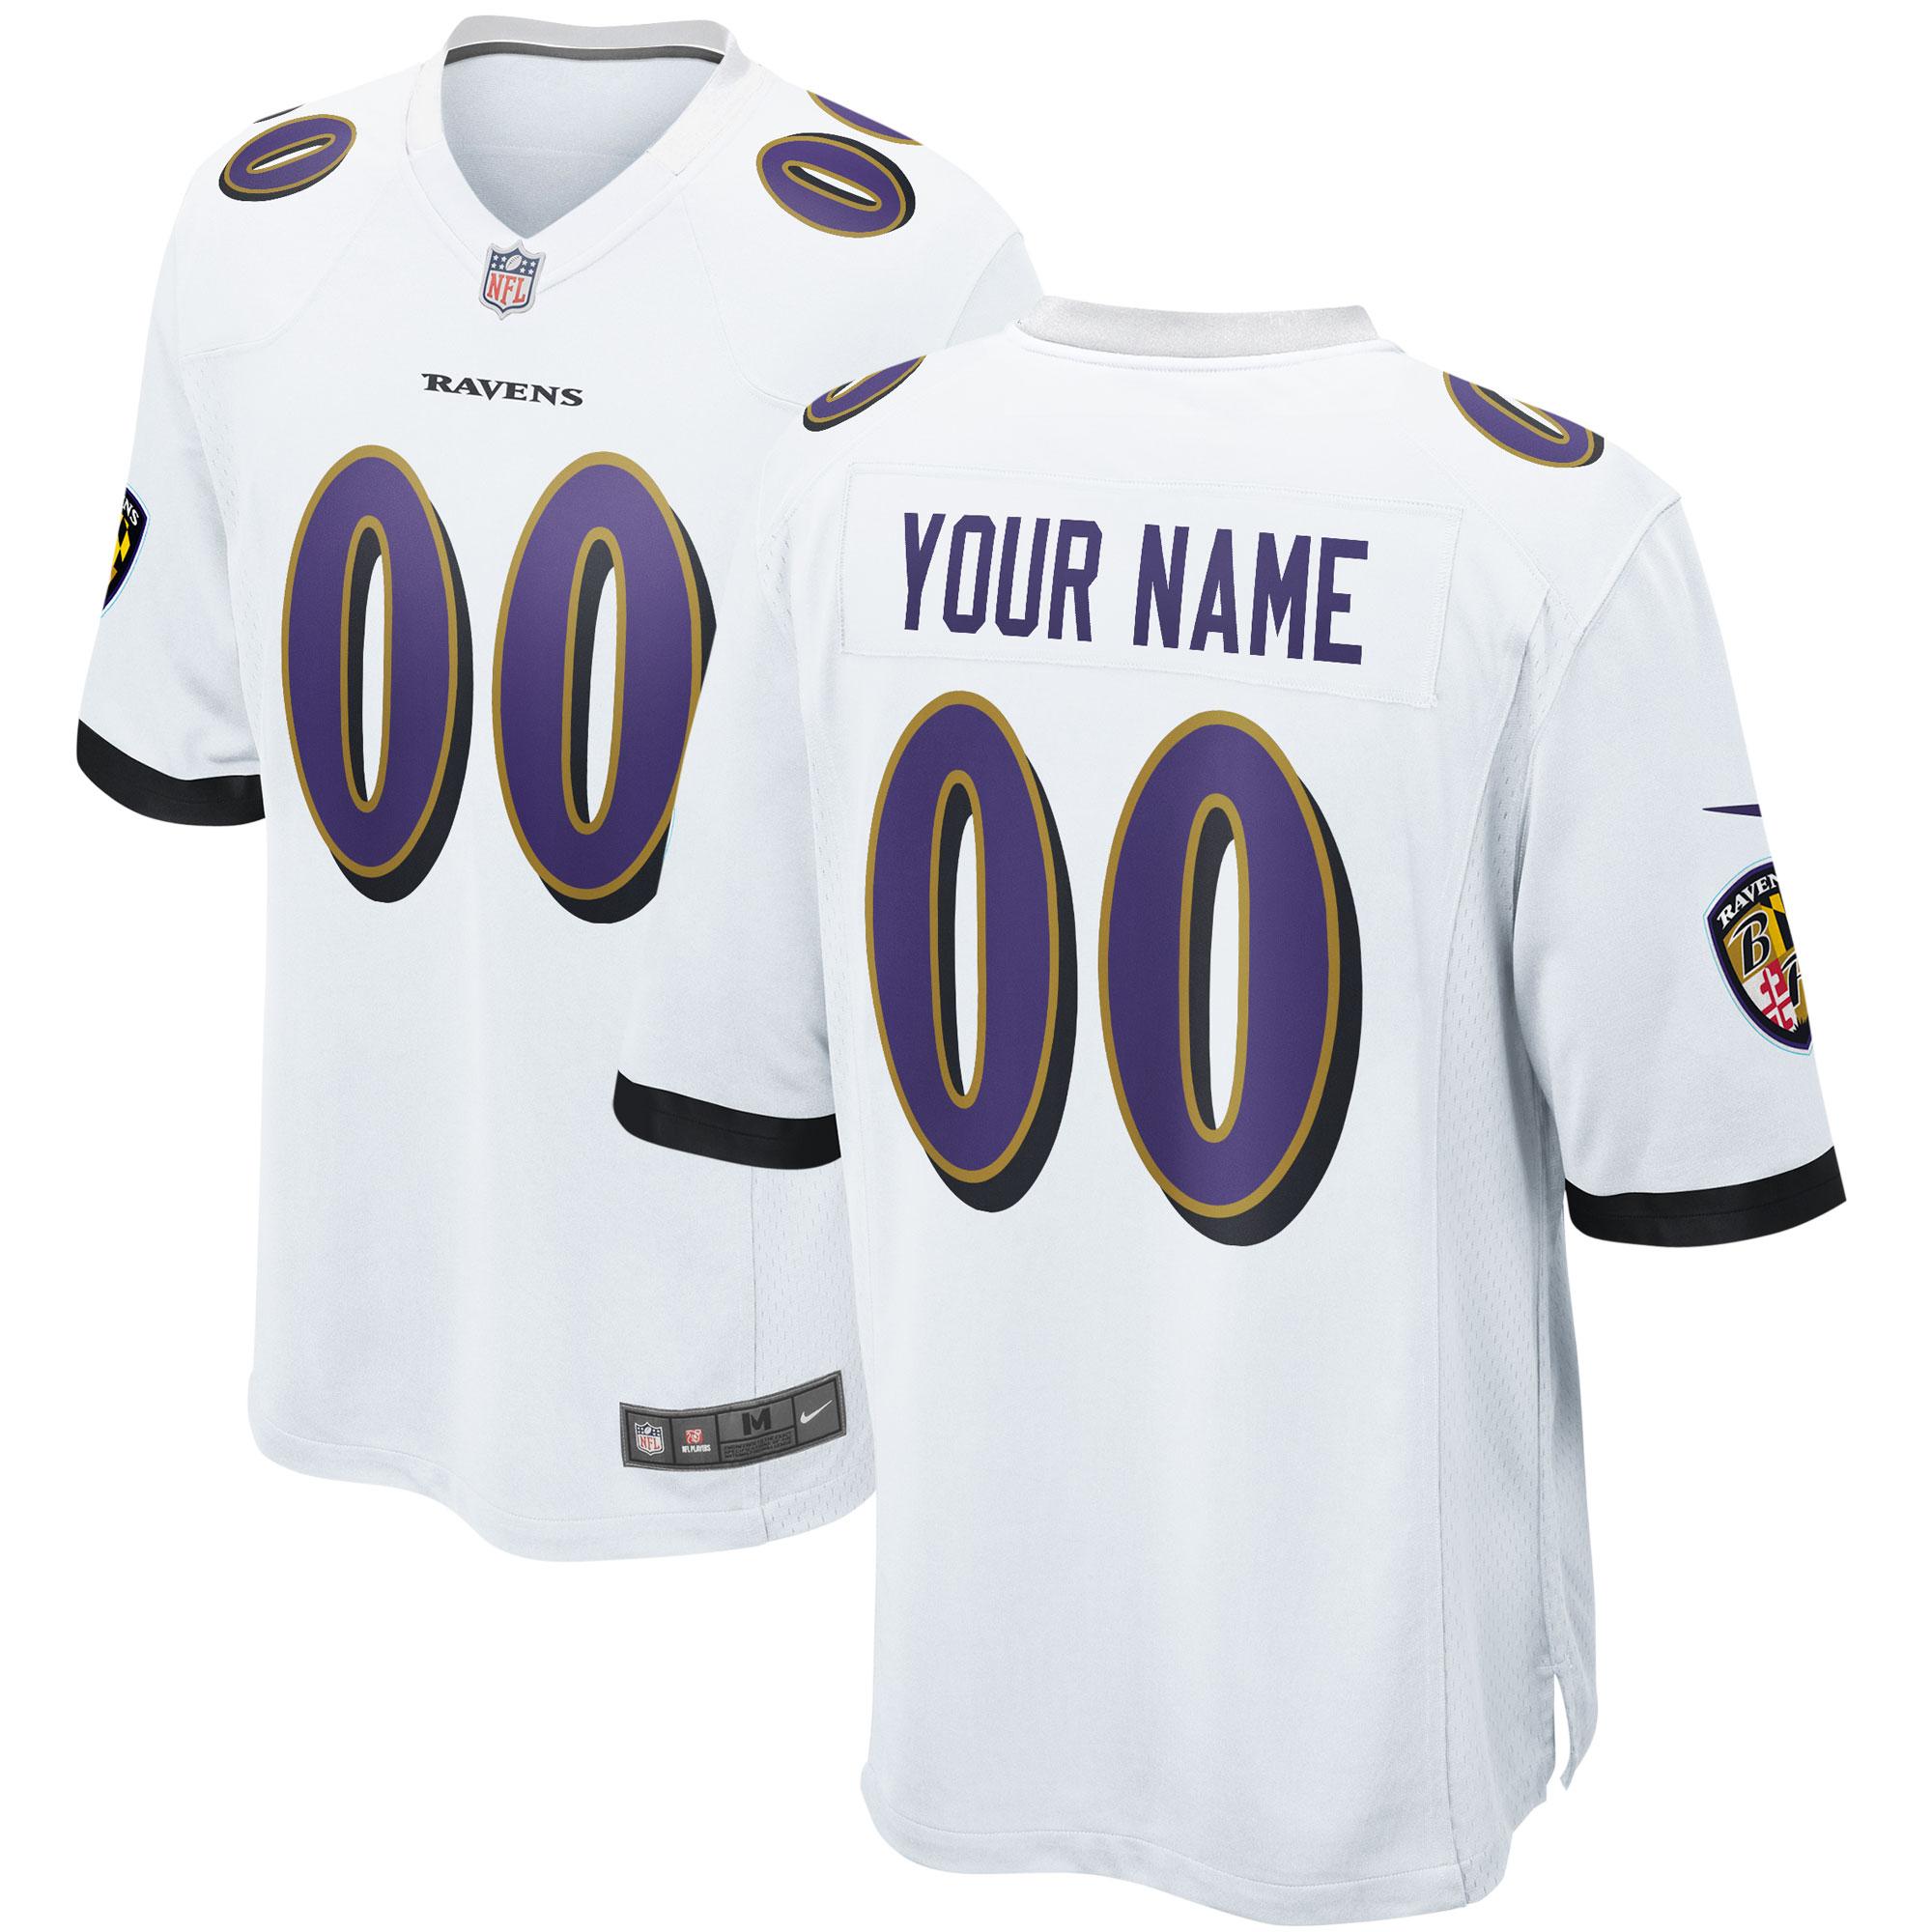 Baltimore Ravens Auswärtsspieltrikot - maßgeschneidert - Jugendliche